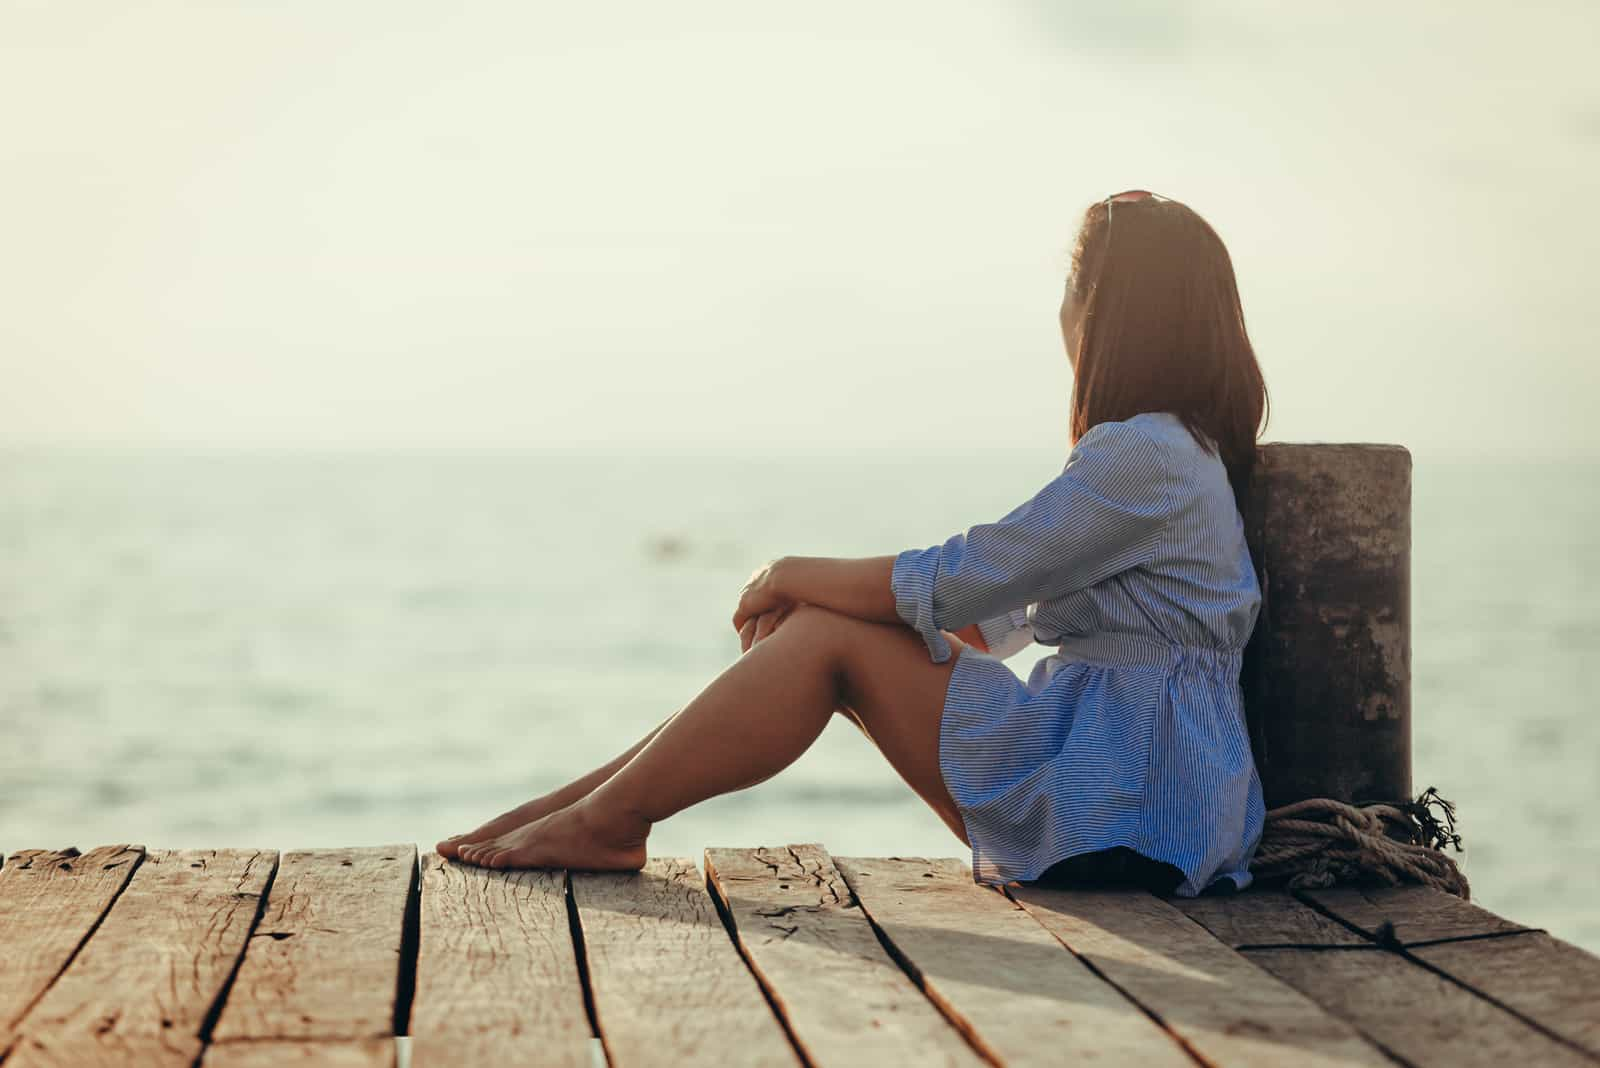 Femme assise seule solitaire sur un pont en bois